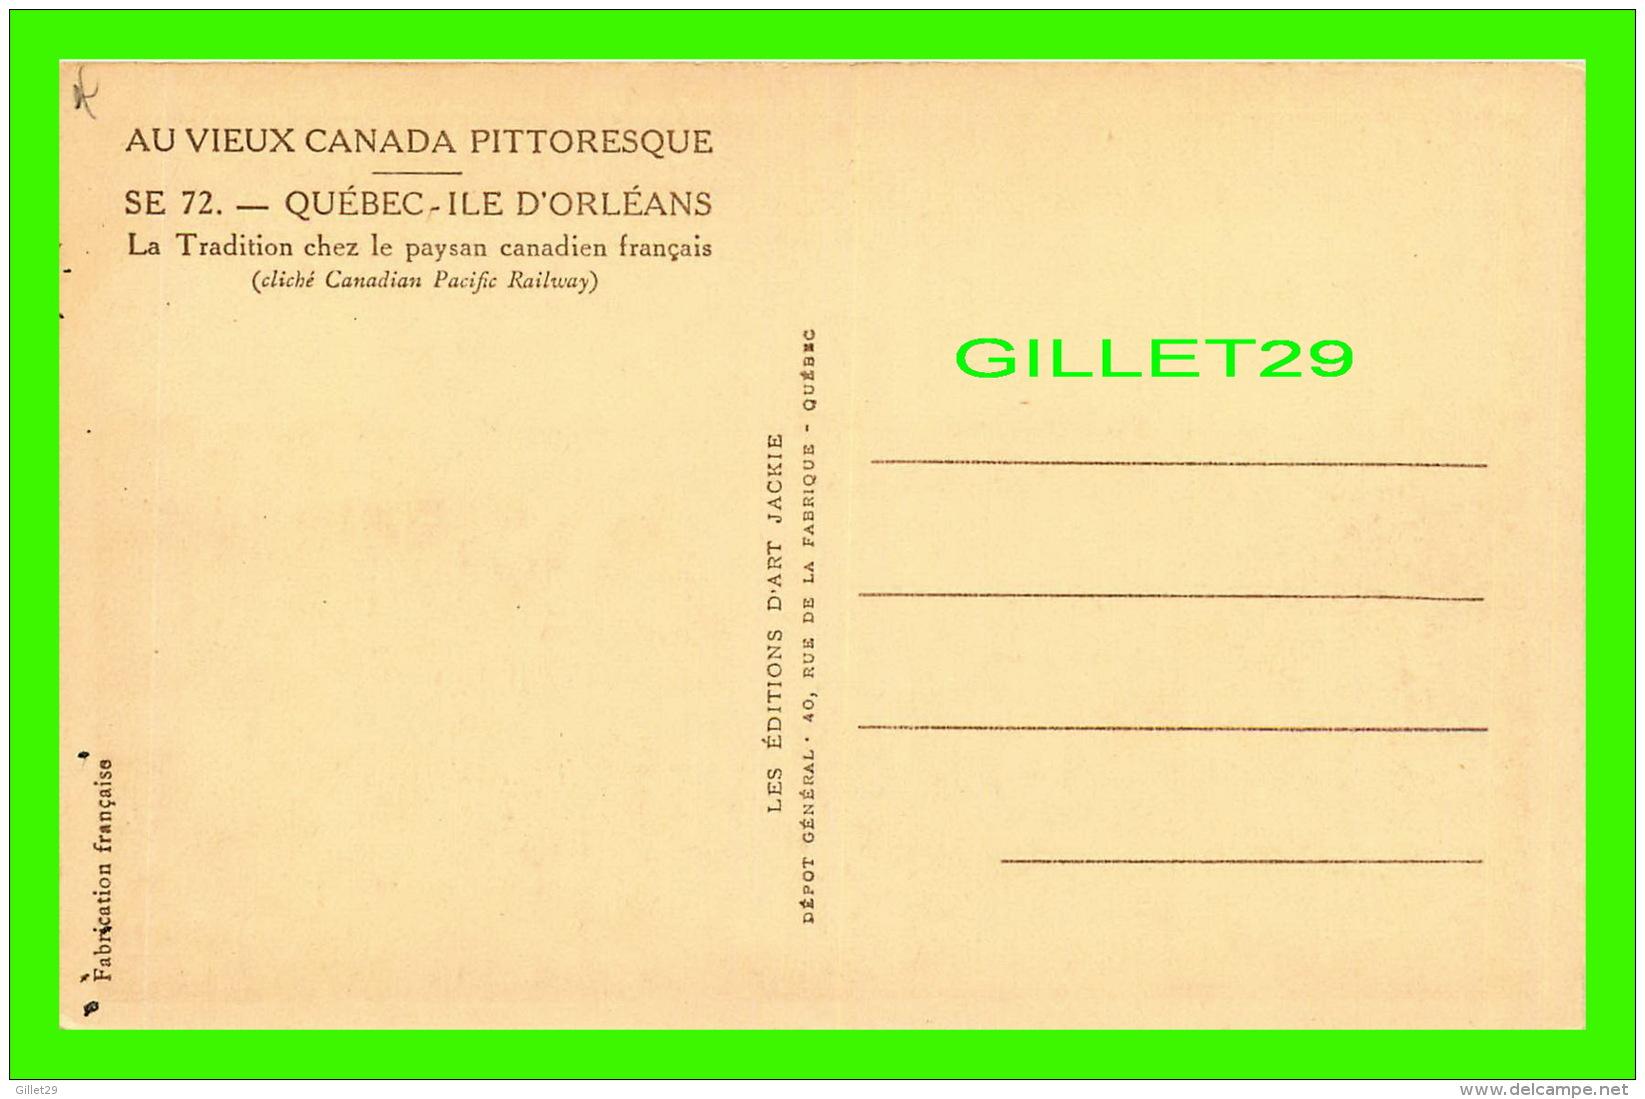 ILE D'ORLÉANS. QUÉBEC - ATTELAGES DE BOEUFS, LA TRADITION CHEZ LE PAYSAN CANADIEN FRANÇAIS - LES ÉDITIONS D'ART JACKIE - - Quebec